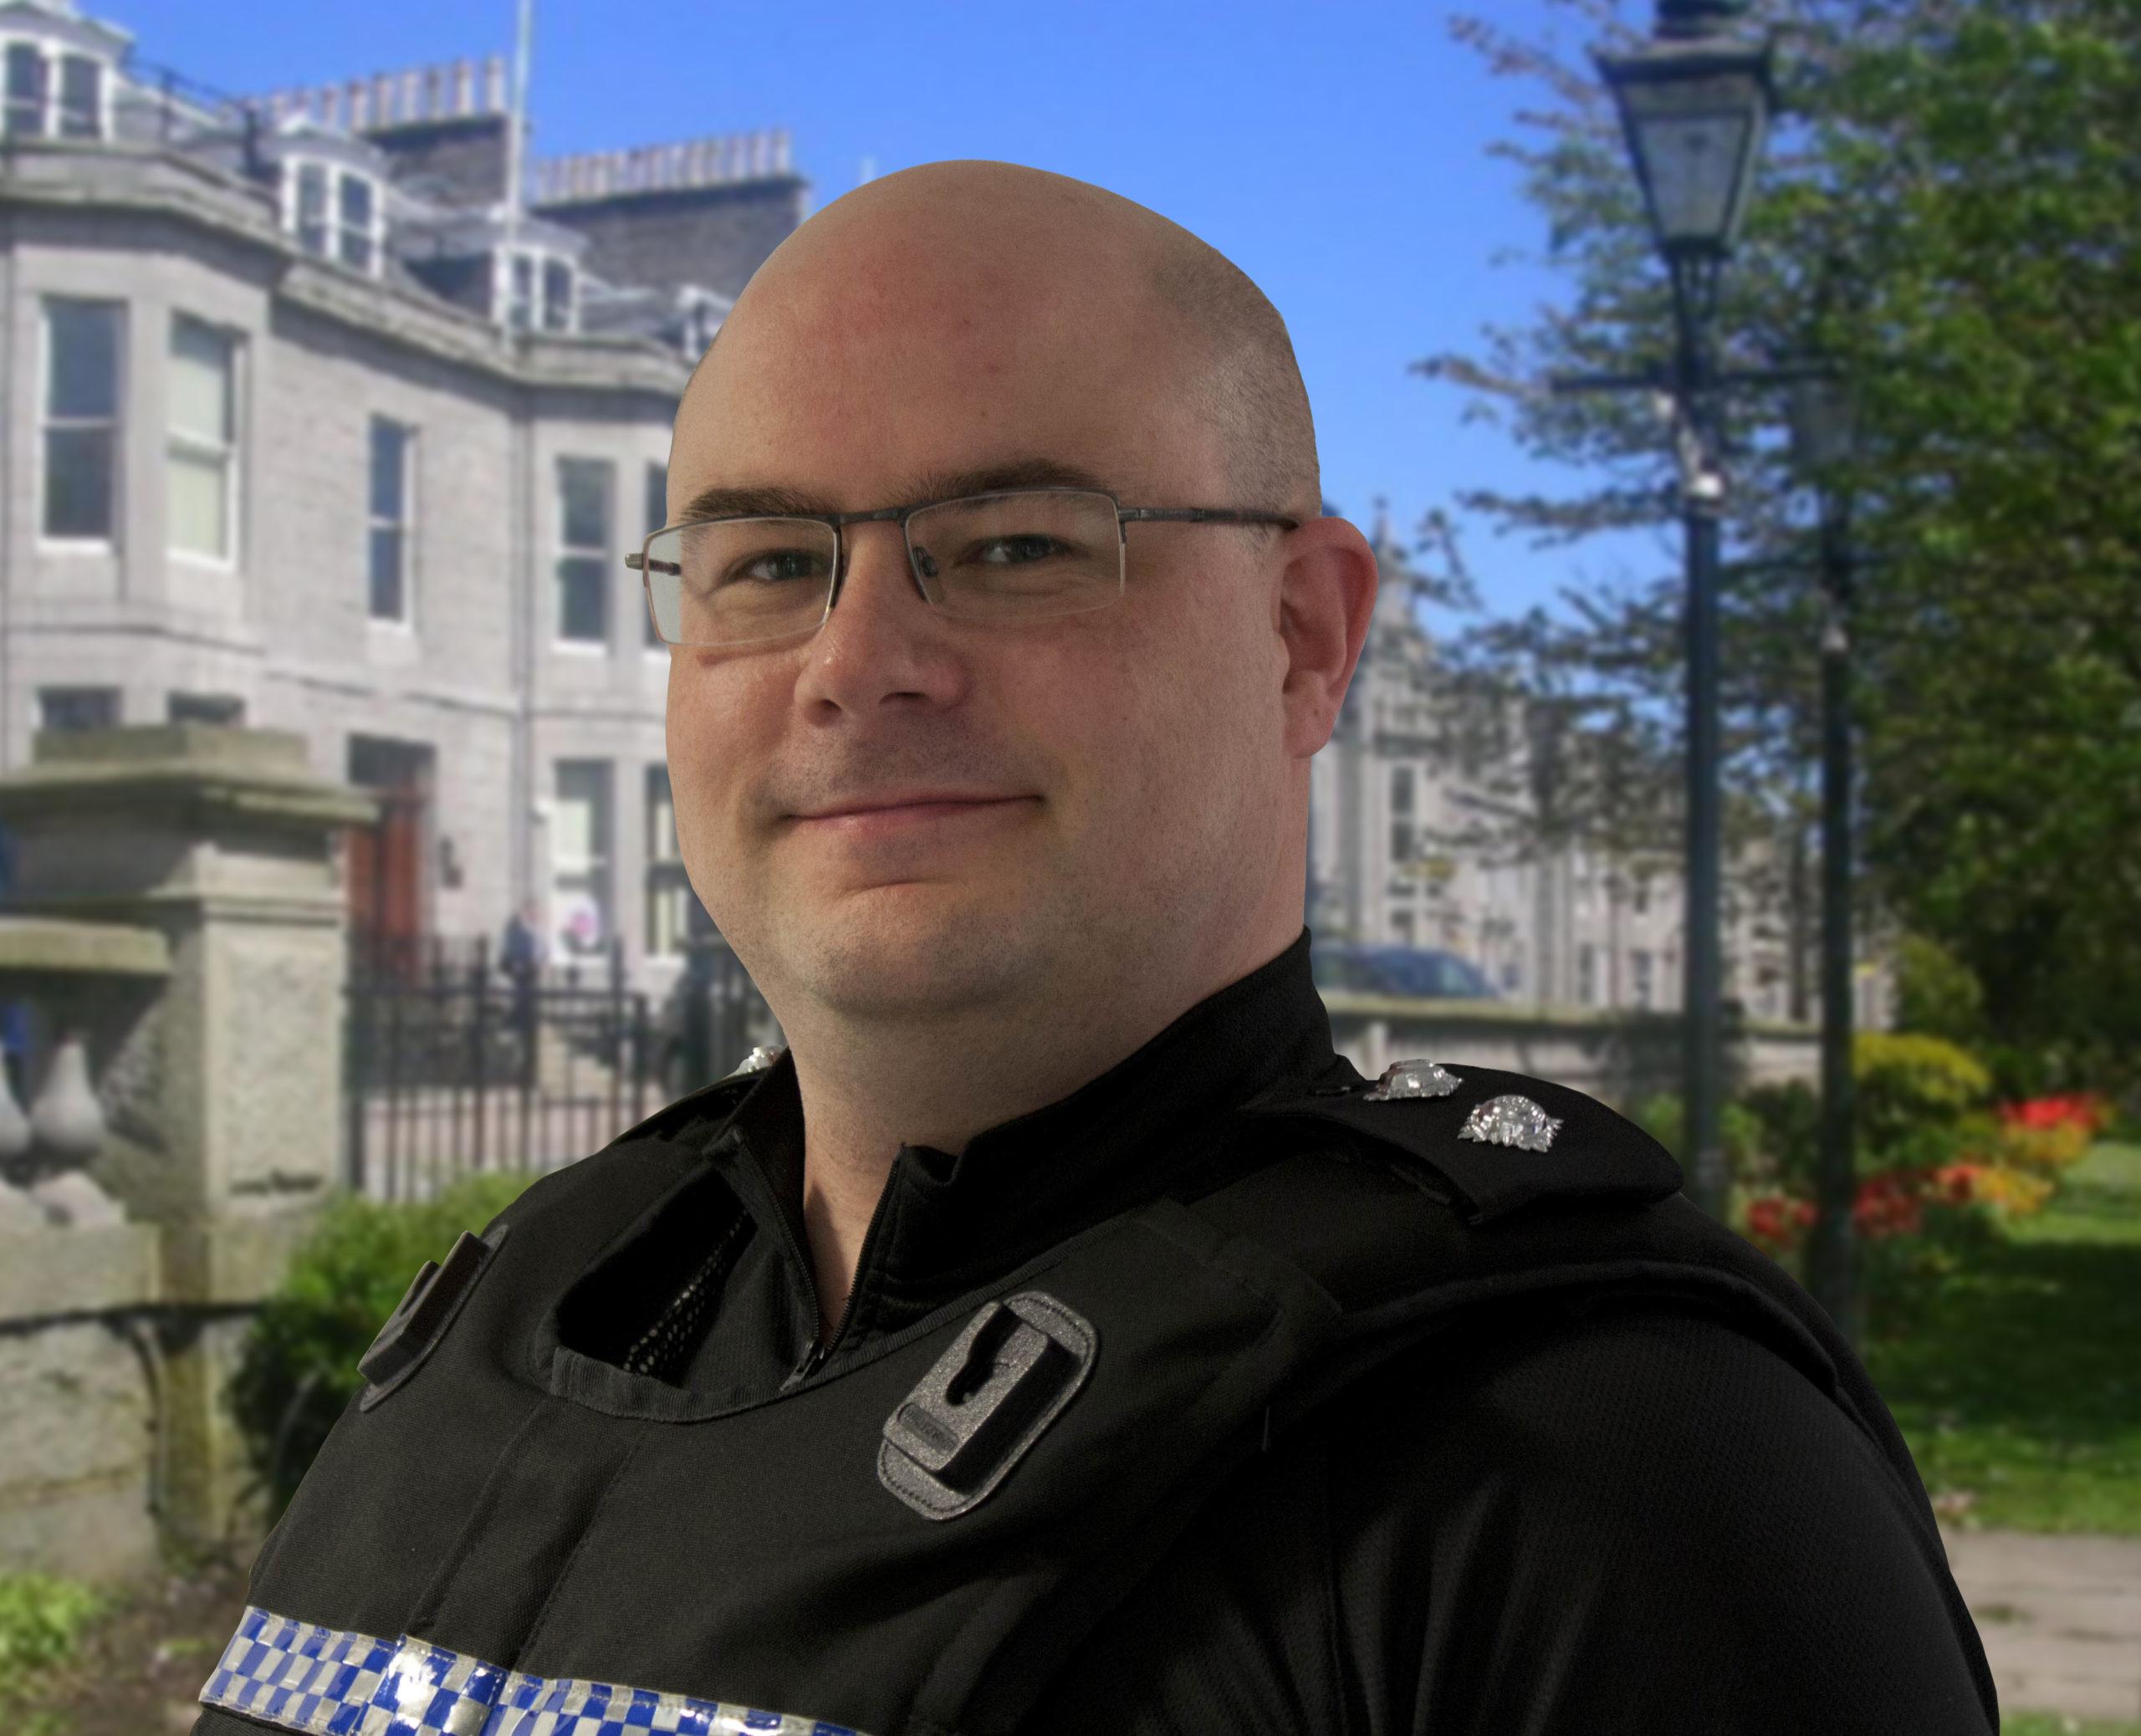 Inspector Ian McKinnon